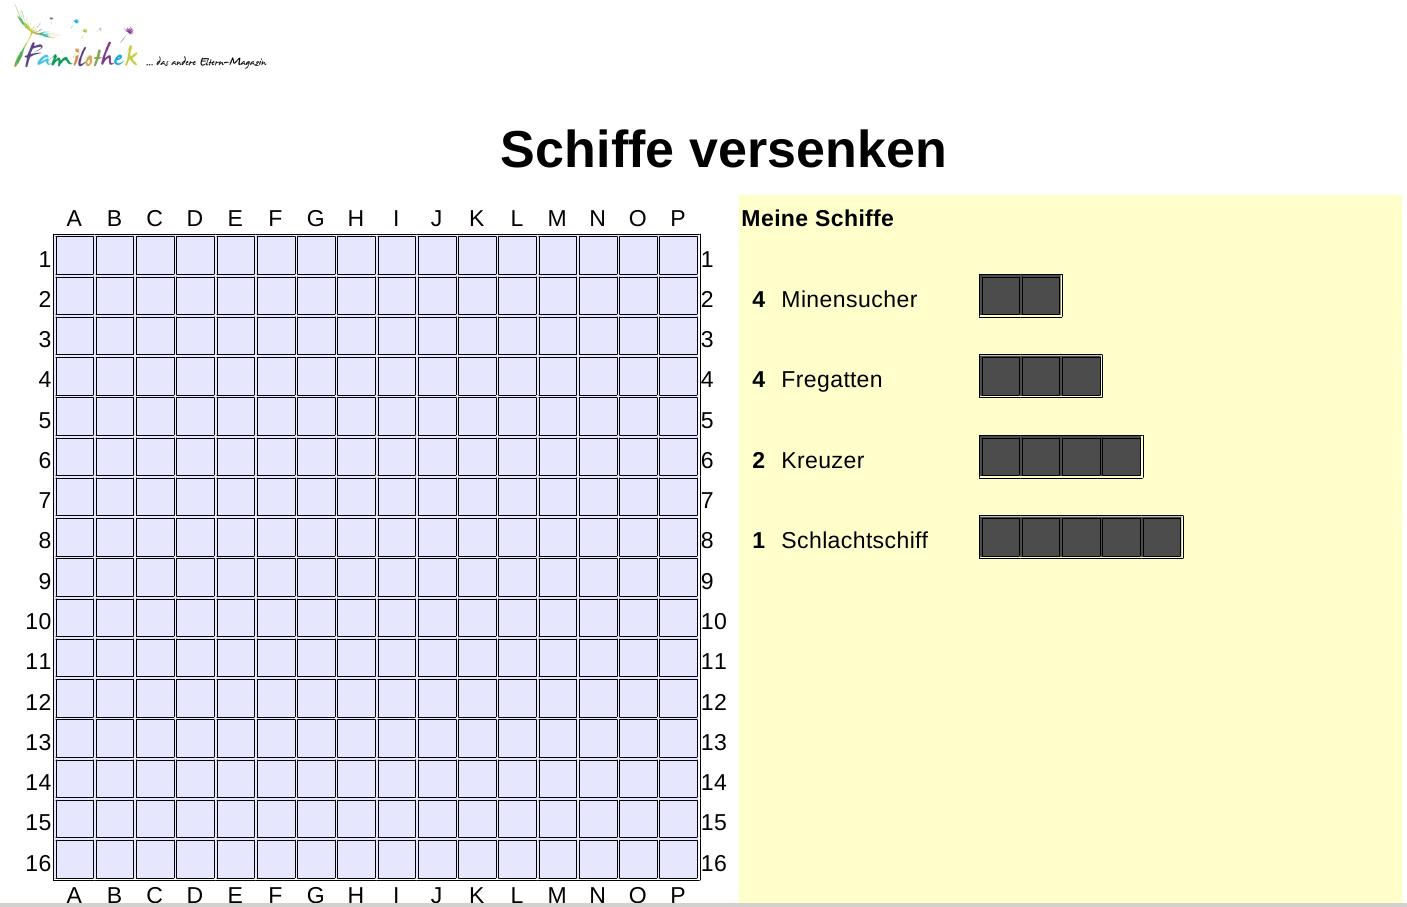 Spielvorlagen Schiffe Versenken - Familothek in Spiel Schiffe Versenken